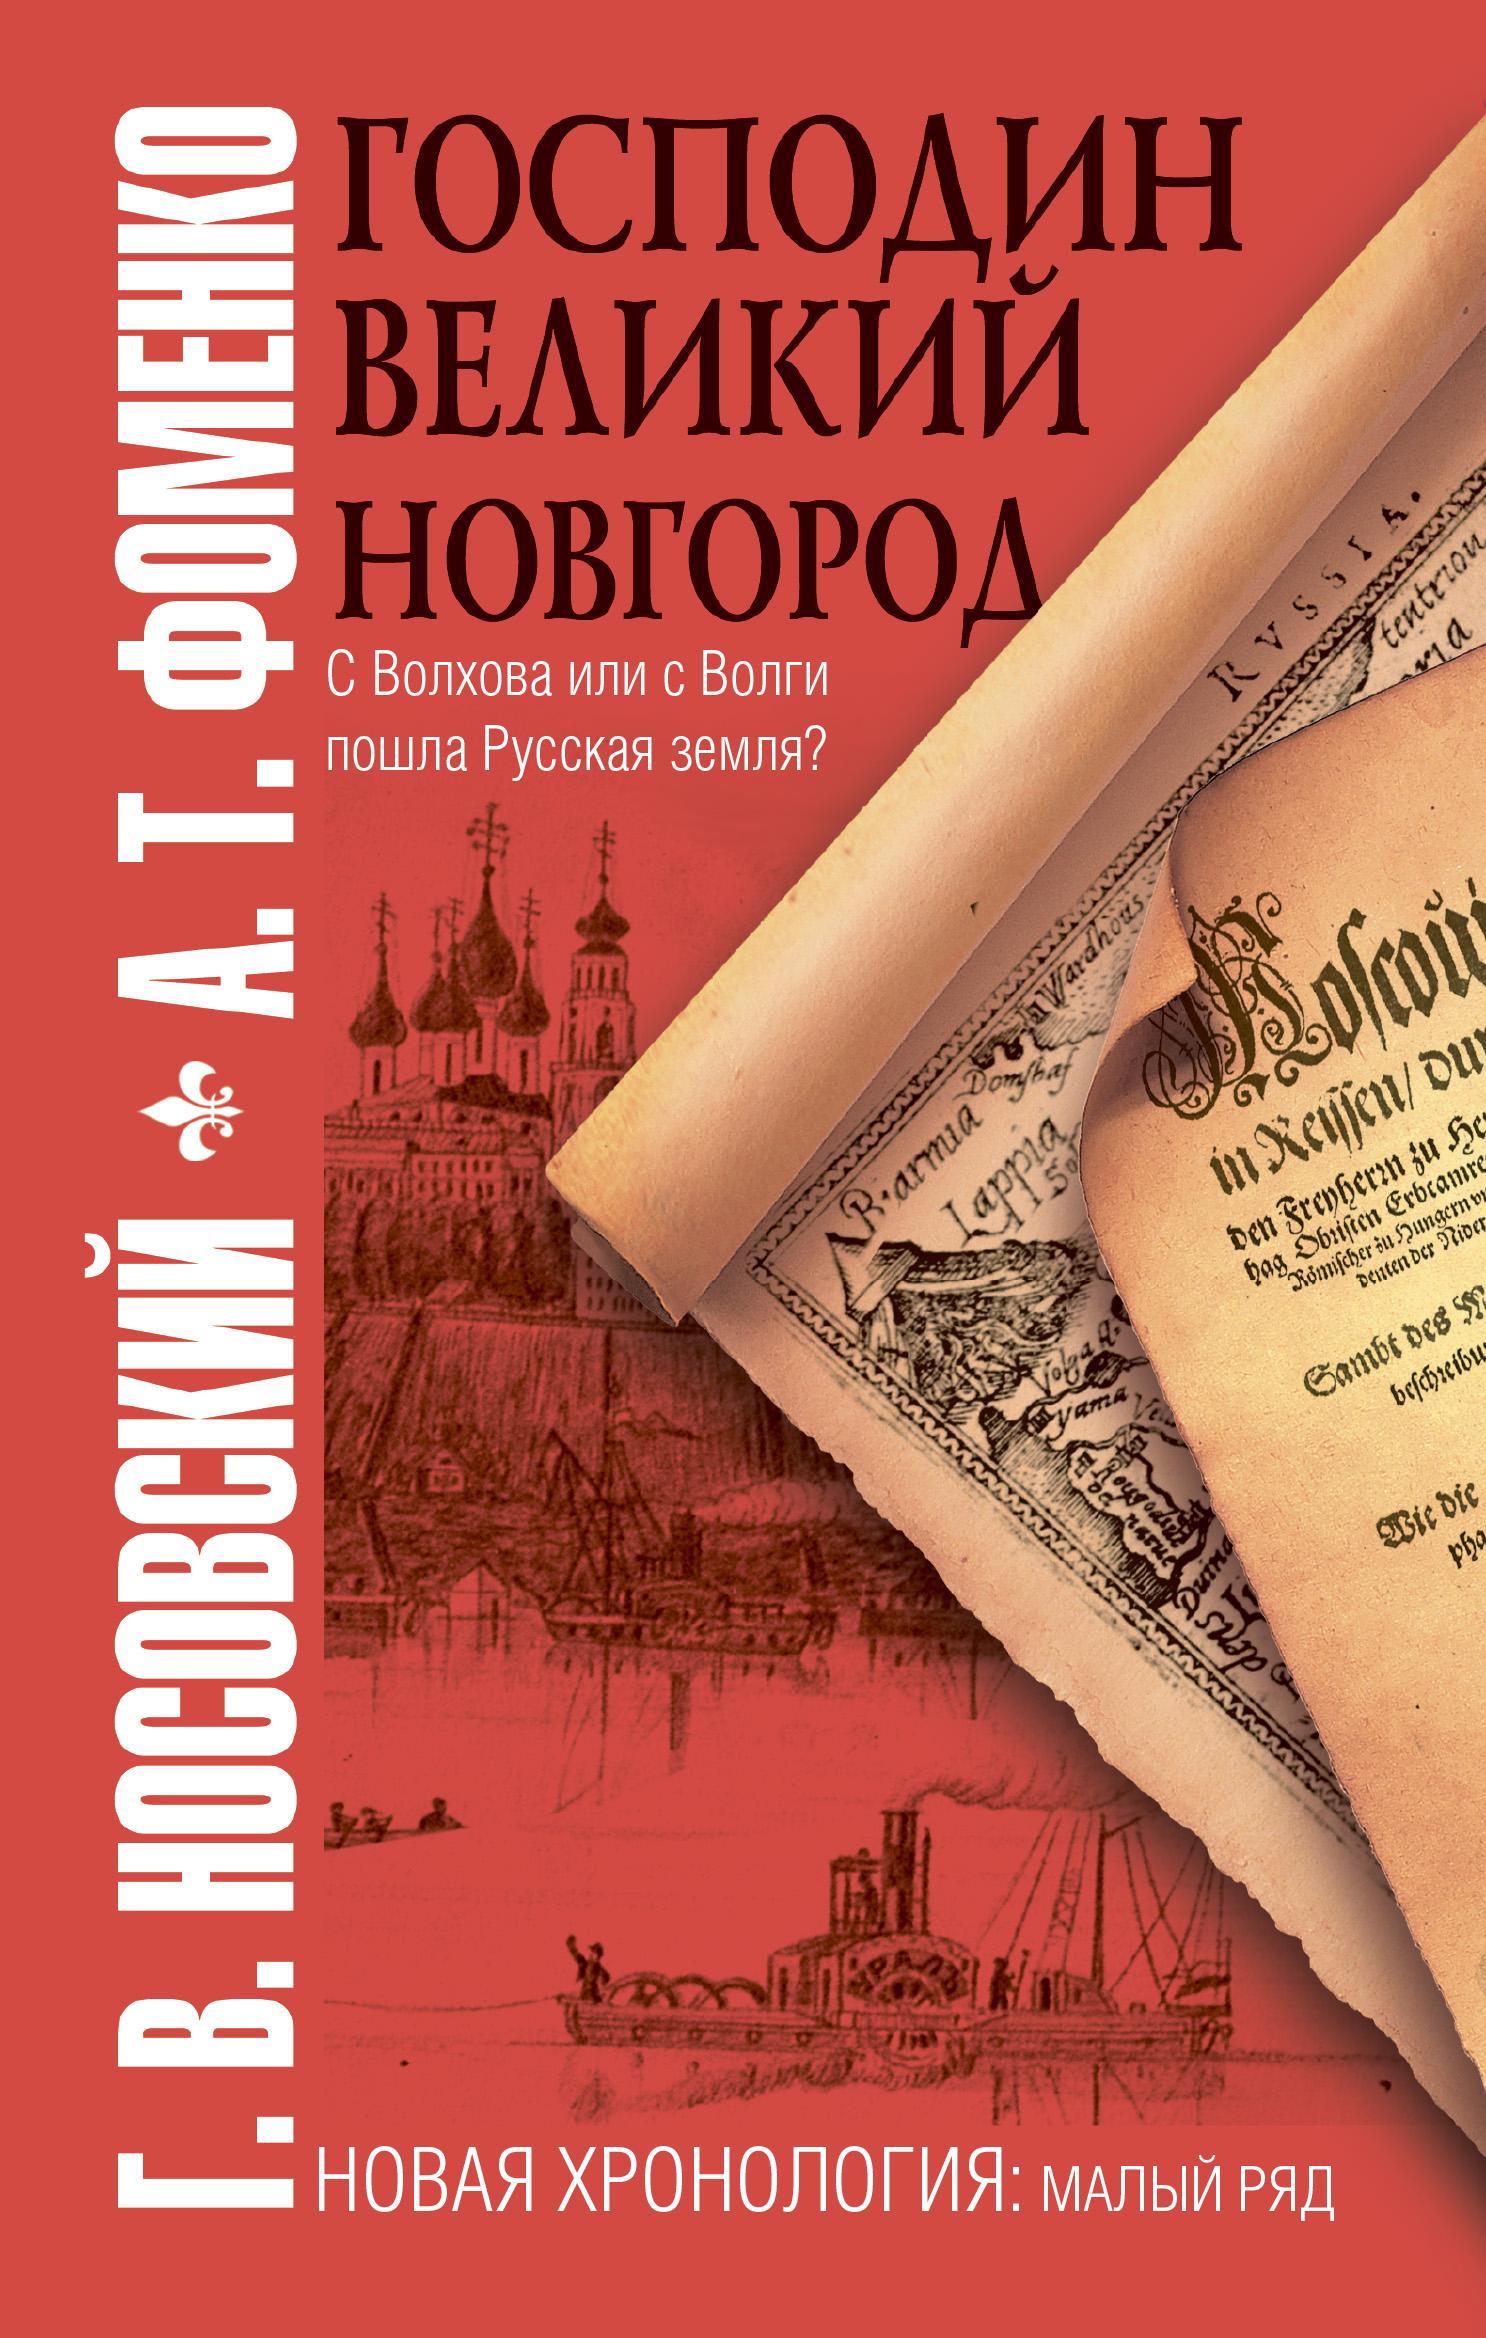 Глеб Носовский Господин Великий Новгород научная литература как источник специальных знаний